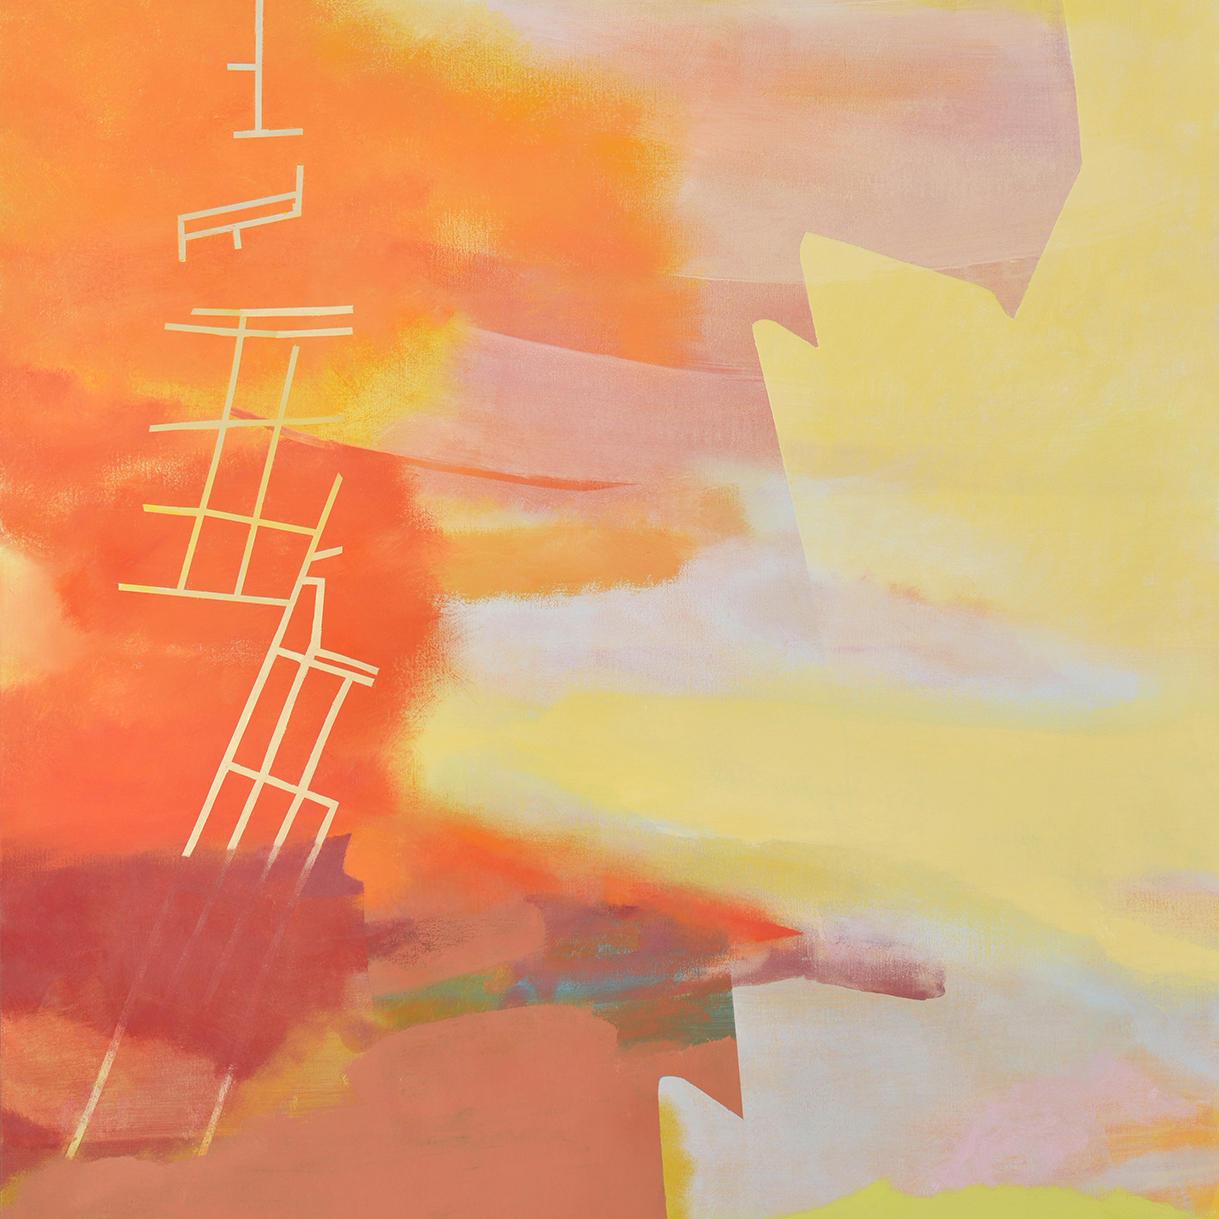 山本晶 東郷青児記念 損保ジャパン日本興亜美術館 展覧会「クインテットⅡ-五つ星の作家たち-」参加